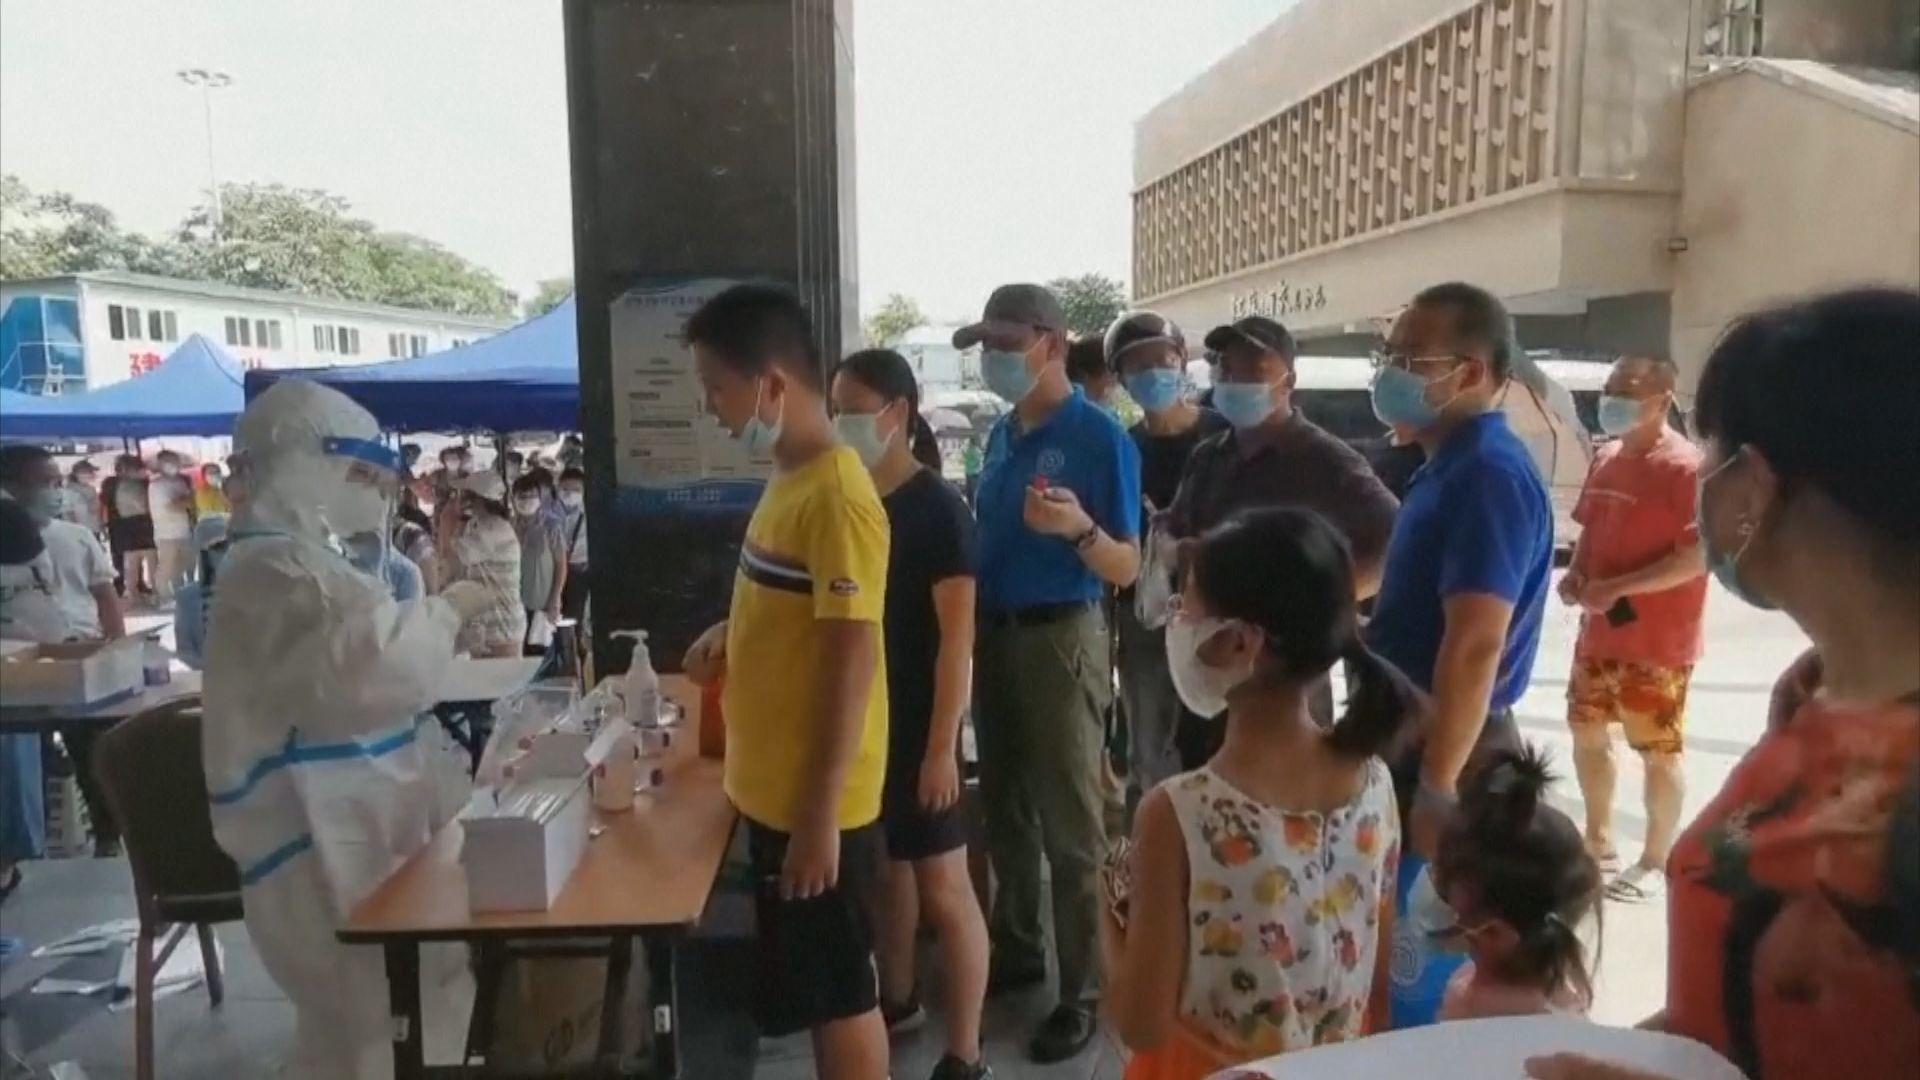 南京爆疫情政府查詢熱線打不通 官員:深表歉意